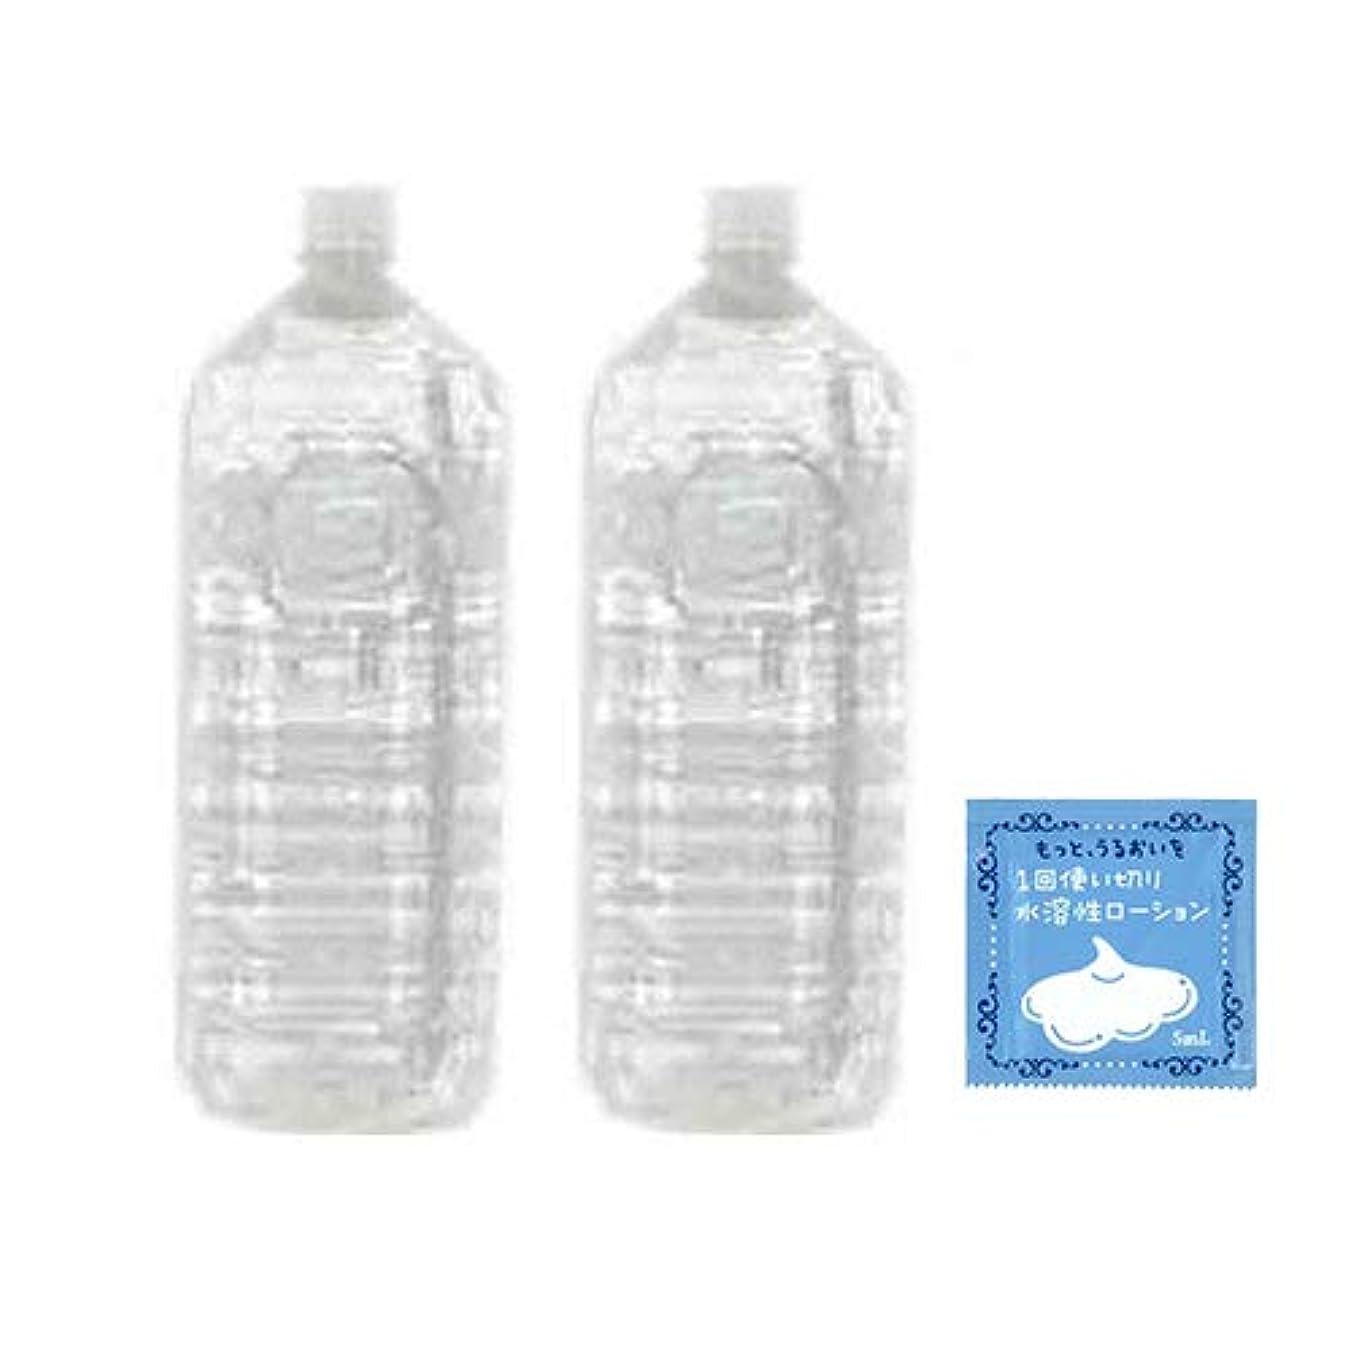 無謀食事を調理する環境に優しいクリアローション 2Lペットボトル ハードタイプ(5倍濃縮原液) × 2本セット + 1回使い切り水溶性潤滑ローション